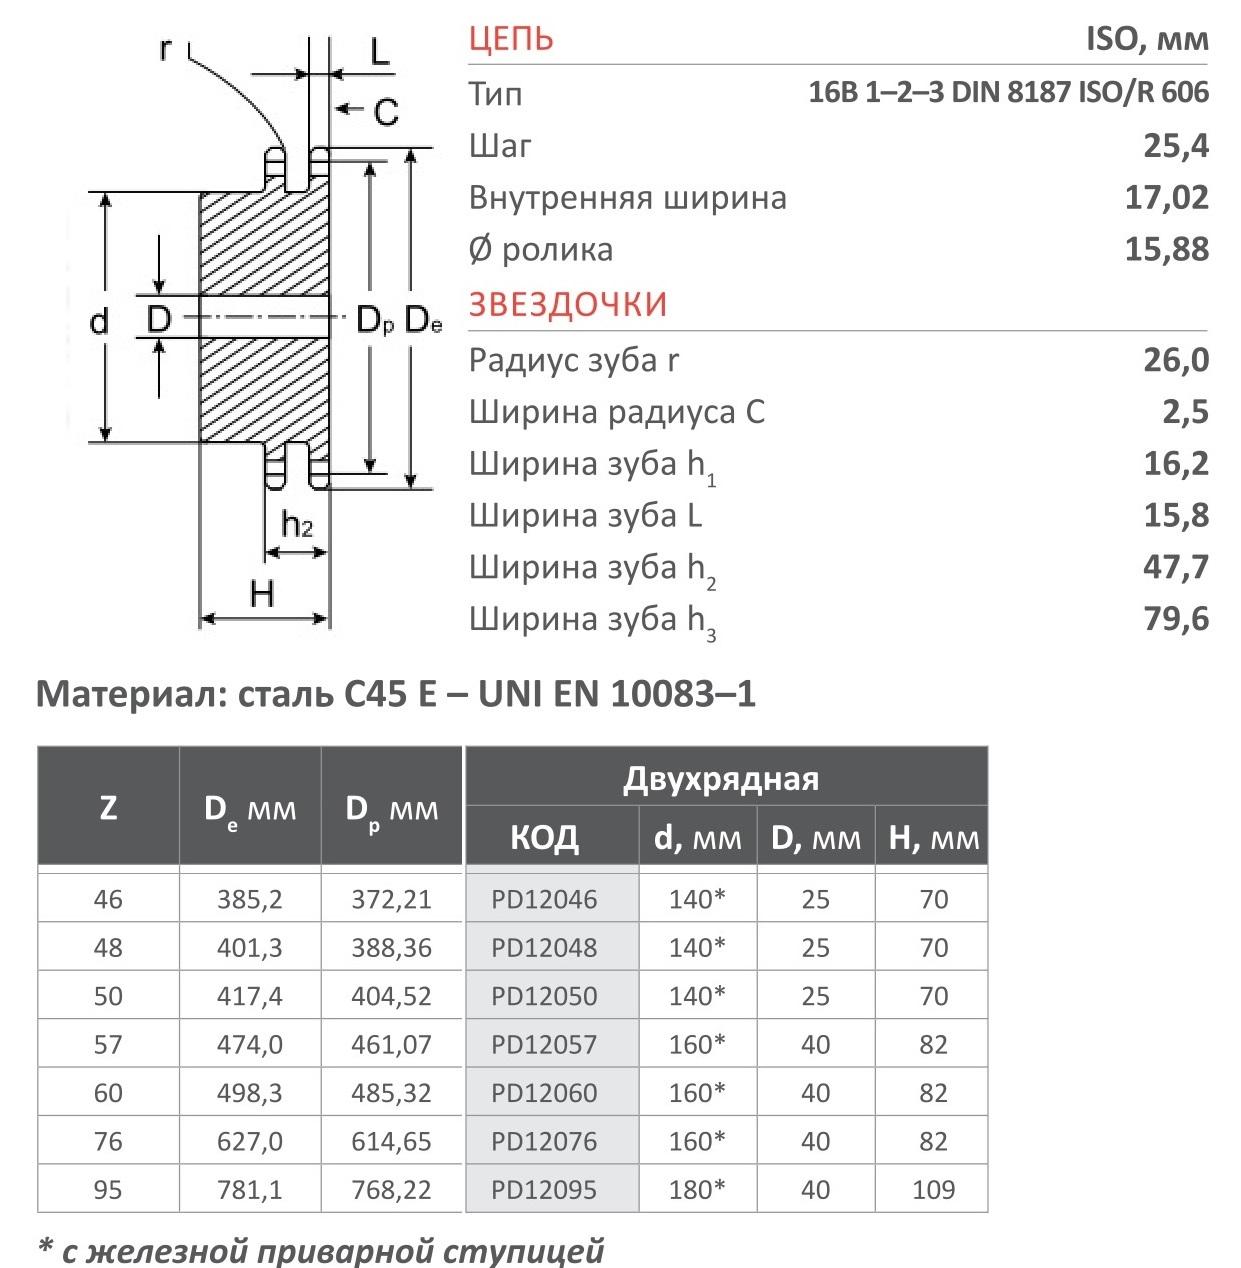 Гост 13576-81 звездочки для приводных зубчатых цепей. методы расчета и построения профиля зубьев. предельные отклонения, гост от 16 марта 1981 года №13576-81